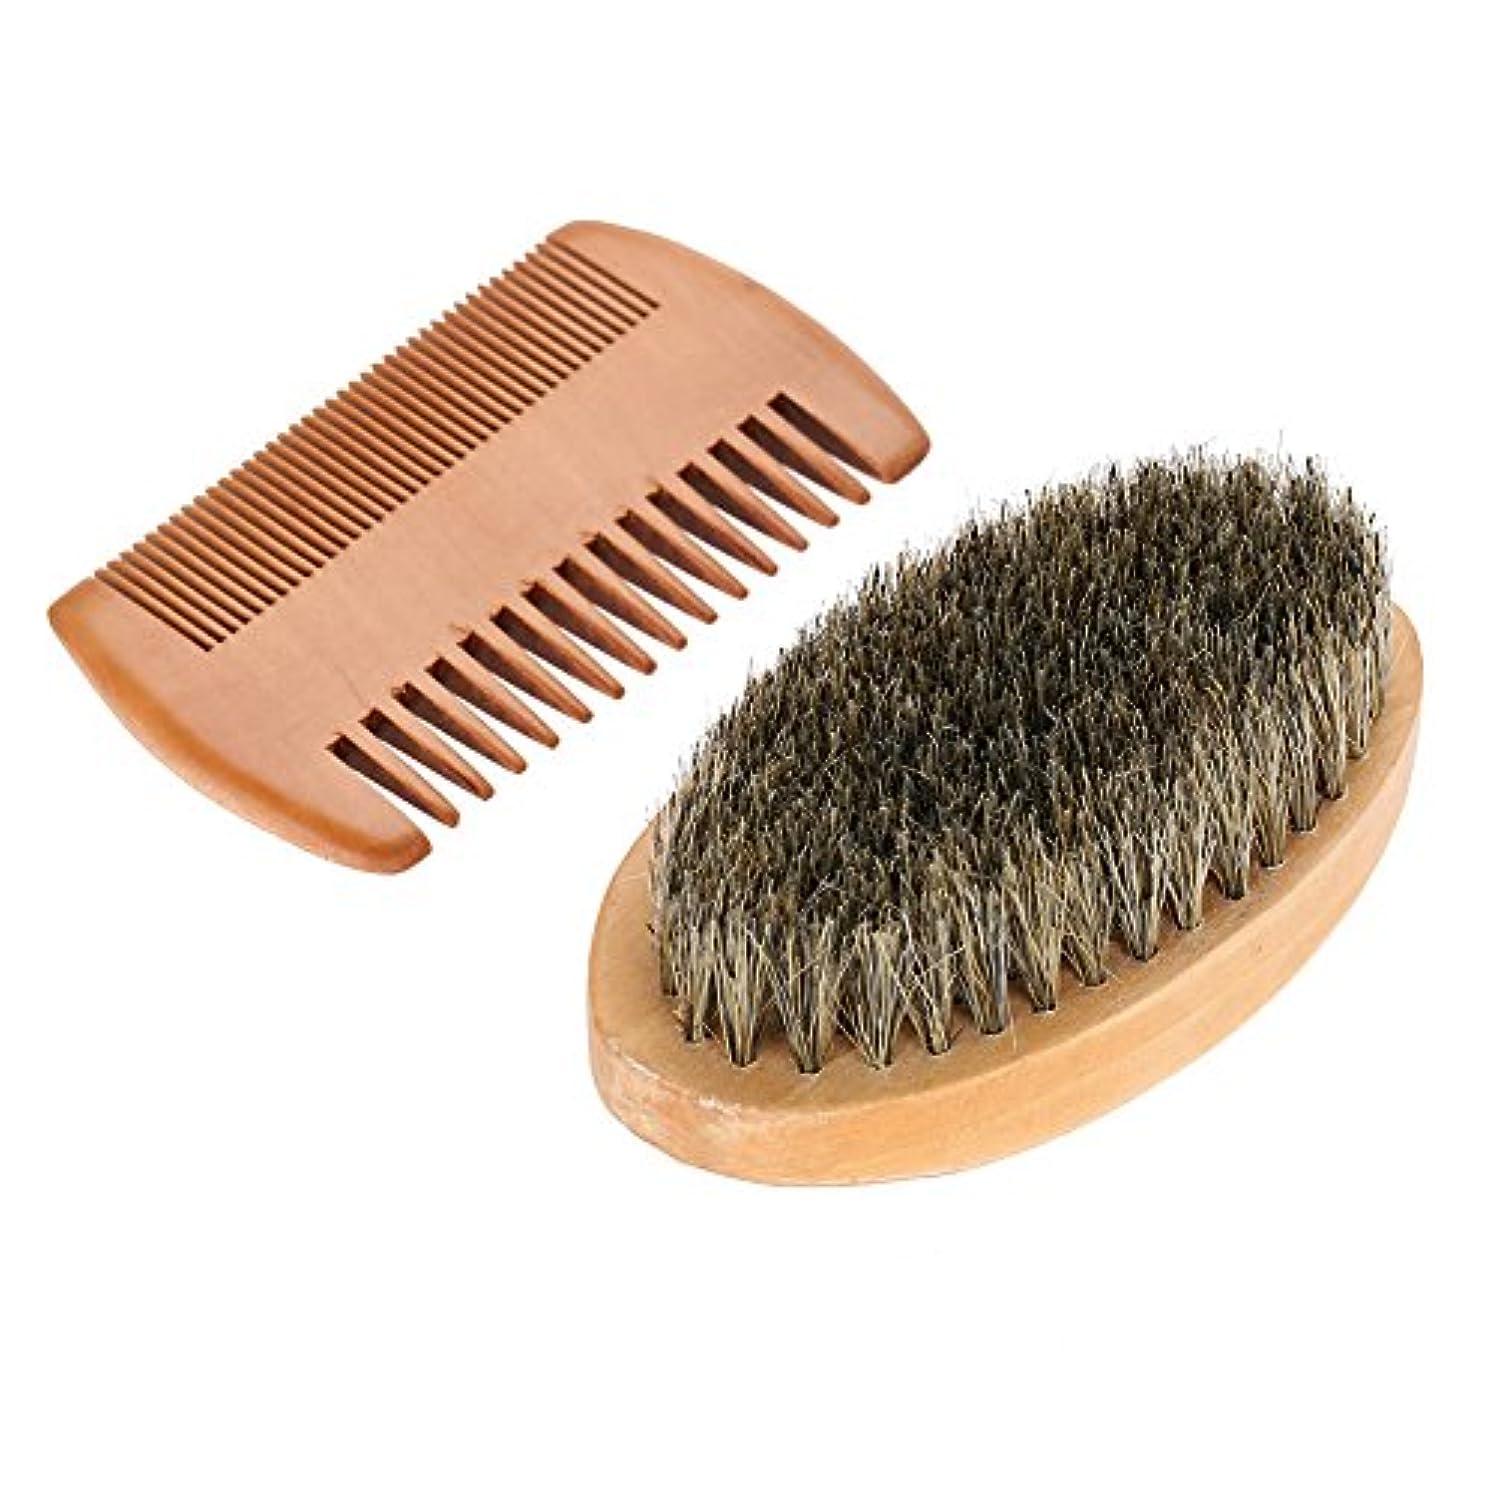 あたり見つける寝室を掃除する男性の楕円形の木製の楕円形のブラシ+ひげの毛の顔のクリーニングの手入れをするキットのための櫛